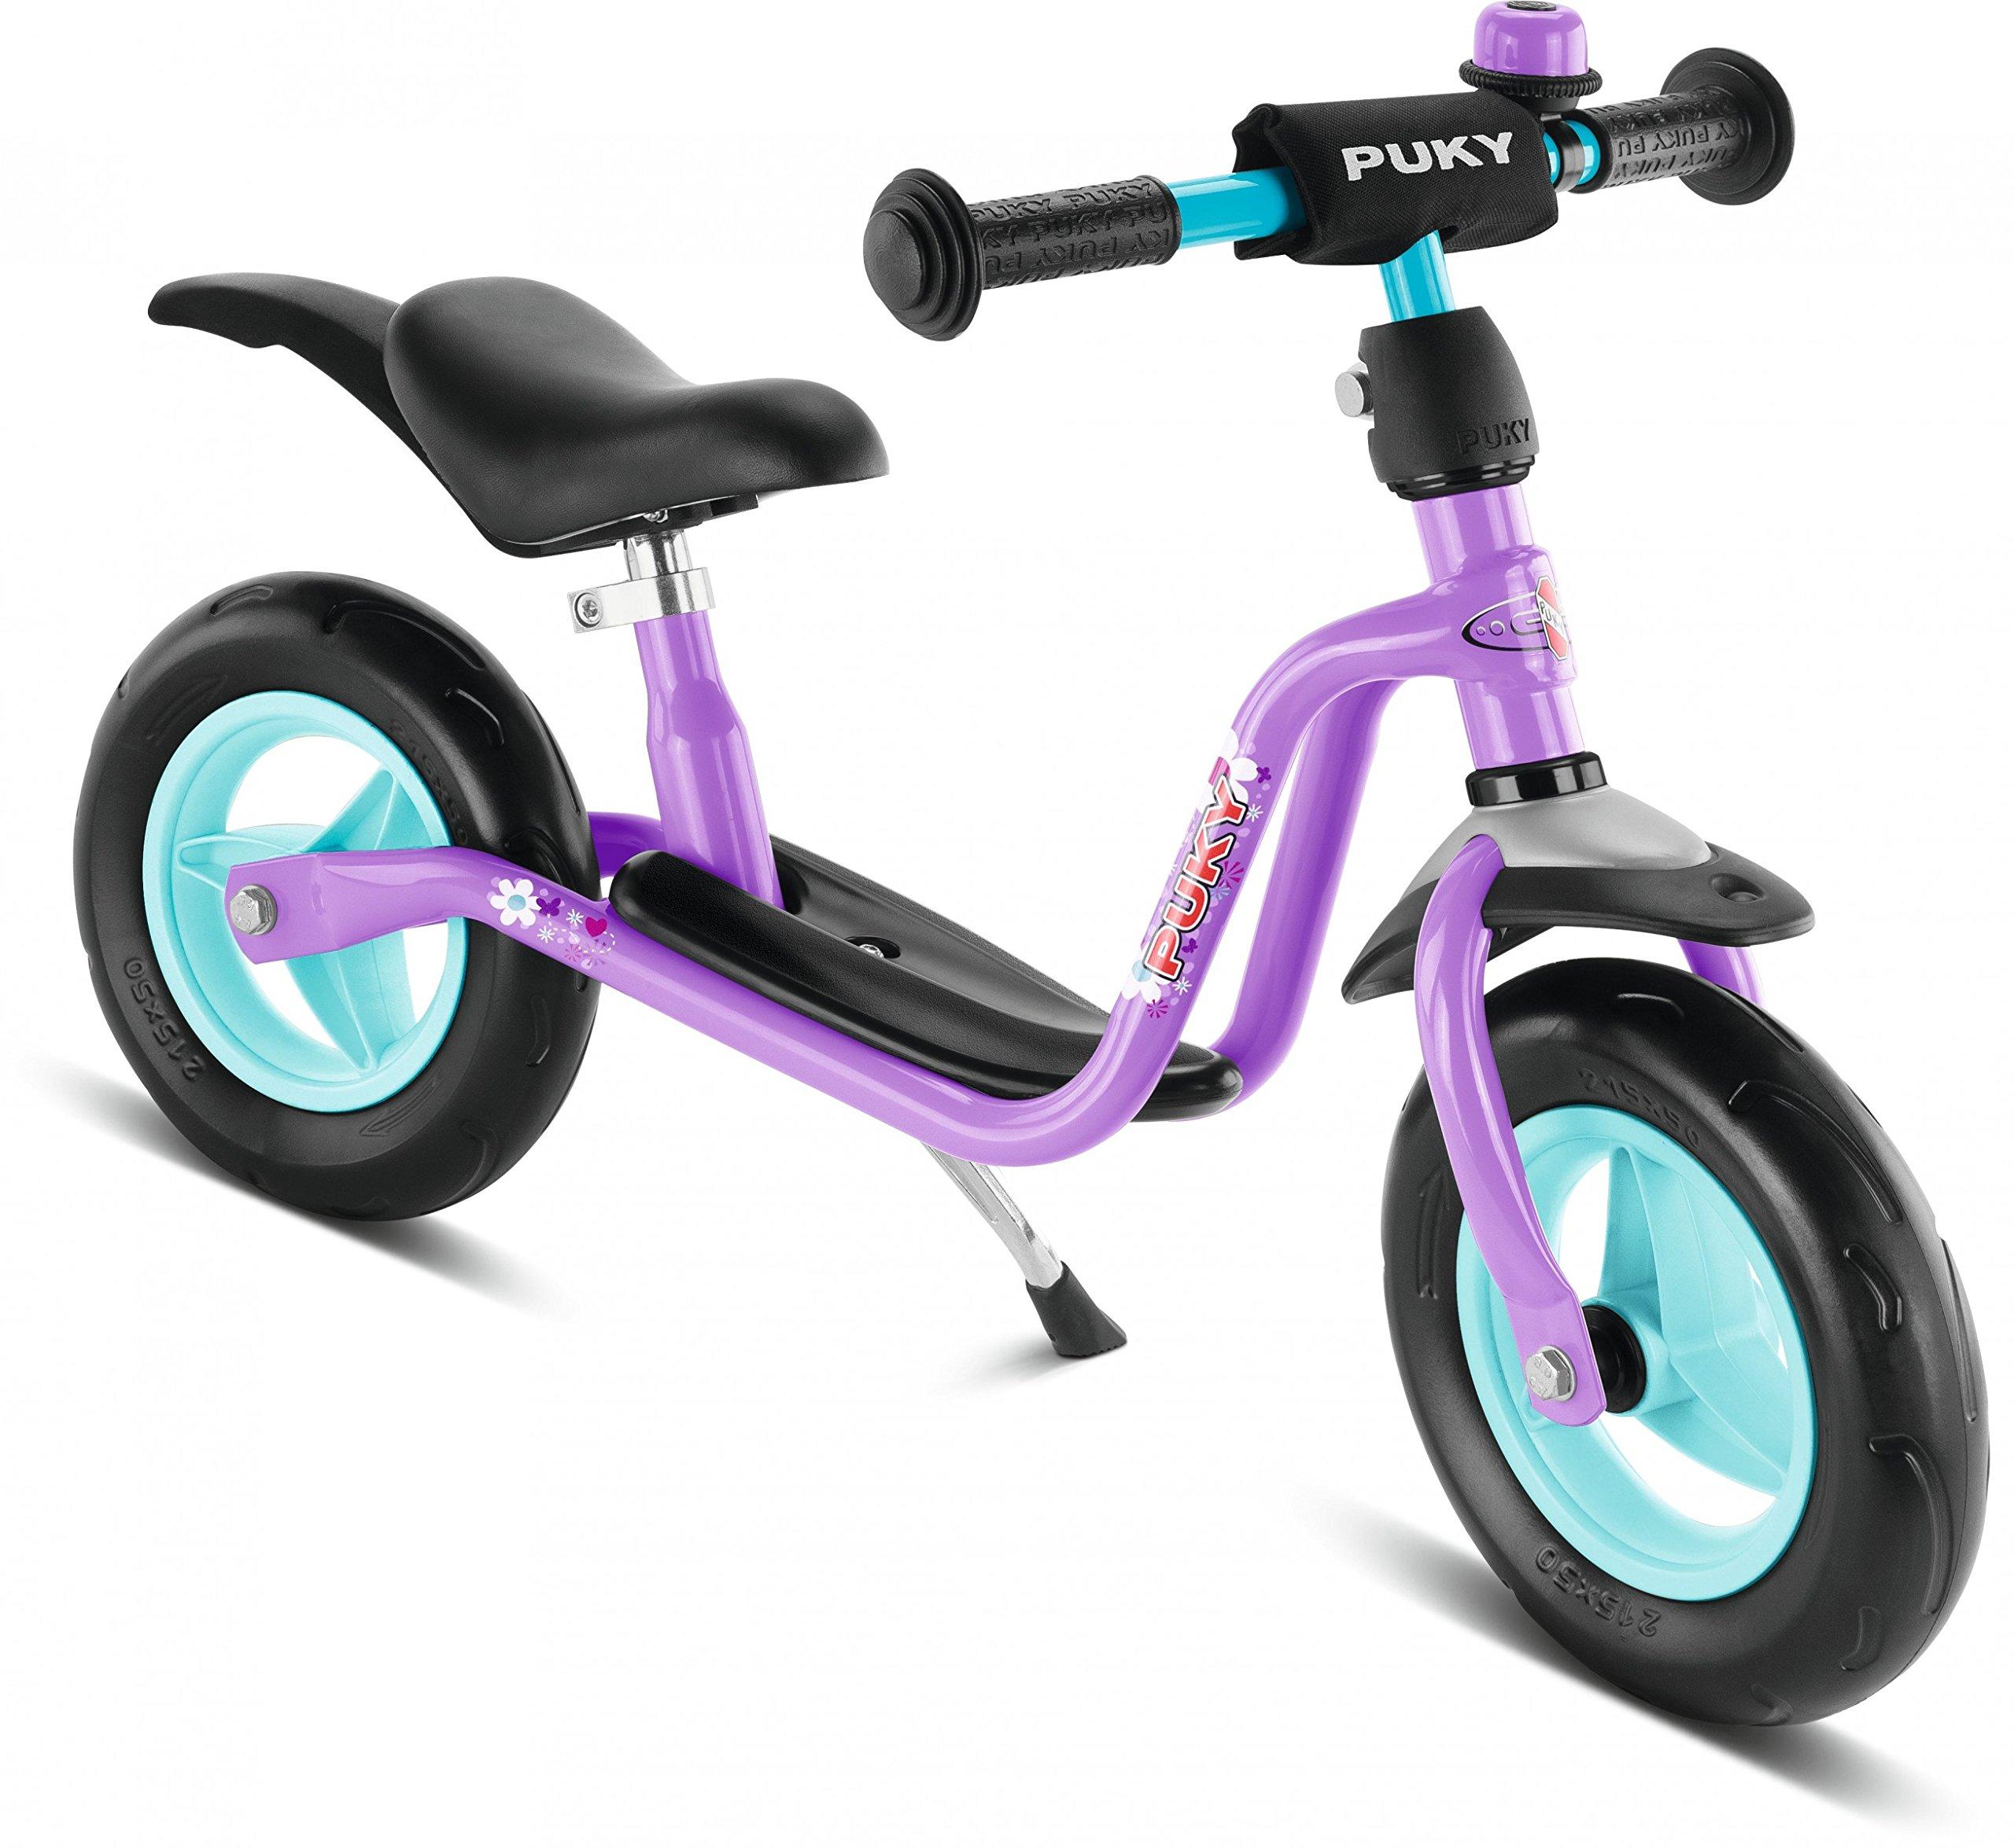 Puky LR M Plus - Draisienne Enfant - Violet 2018 Velo Bebe Fille product image